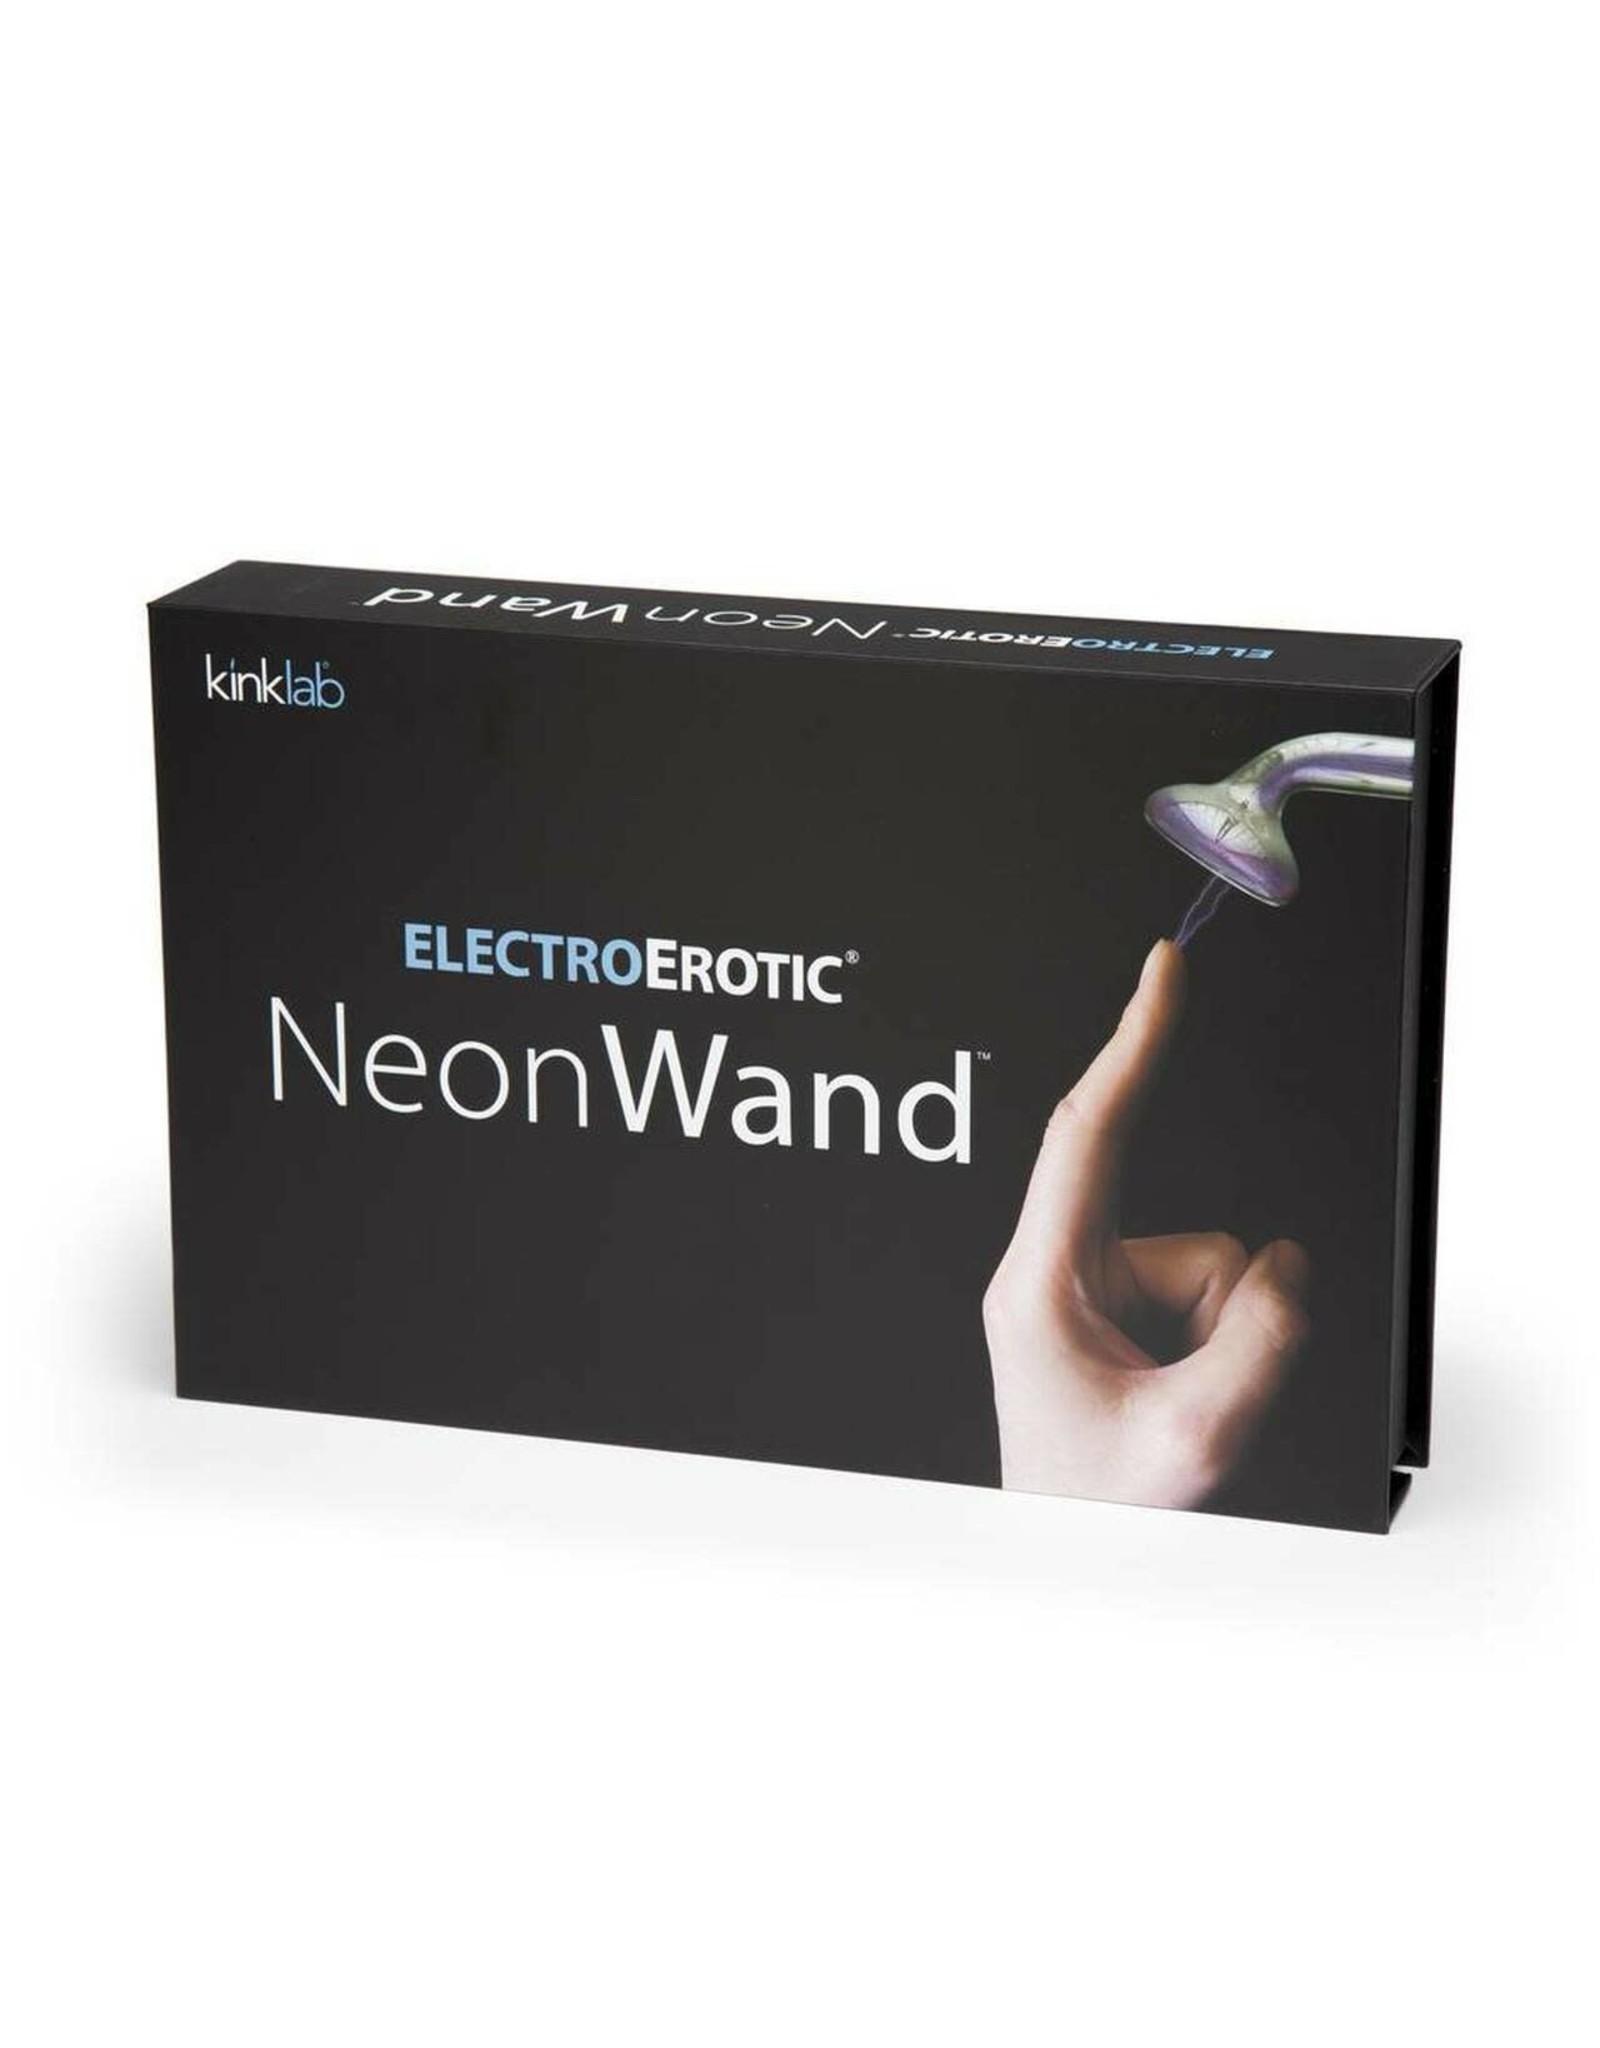 KinkLab KinkLab Neon Wand Kit